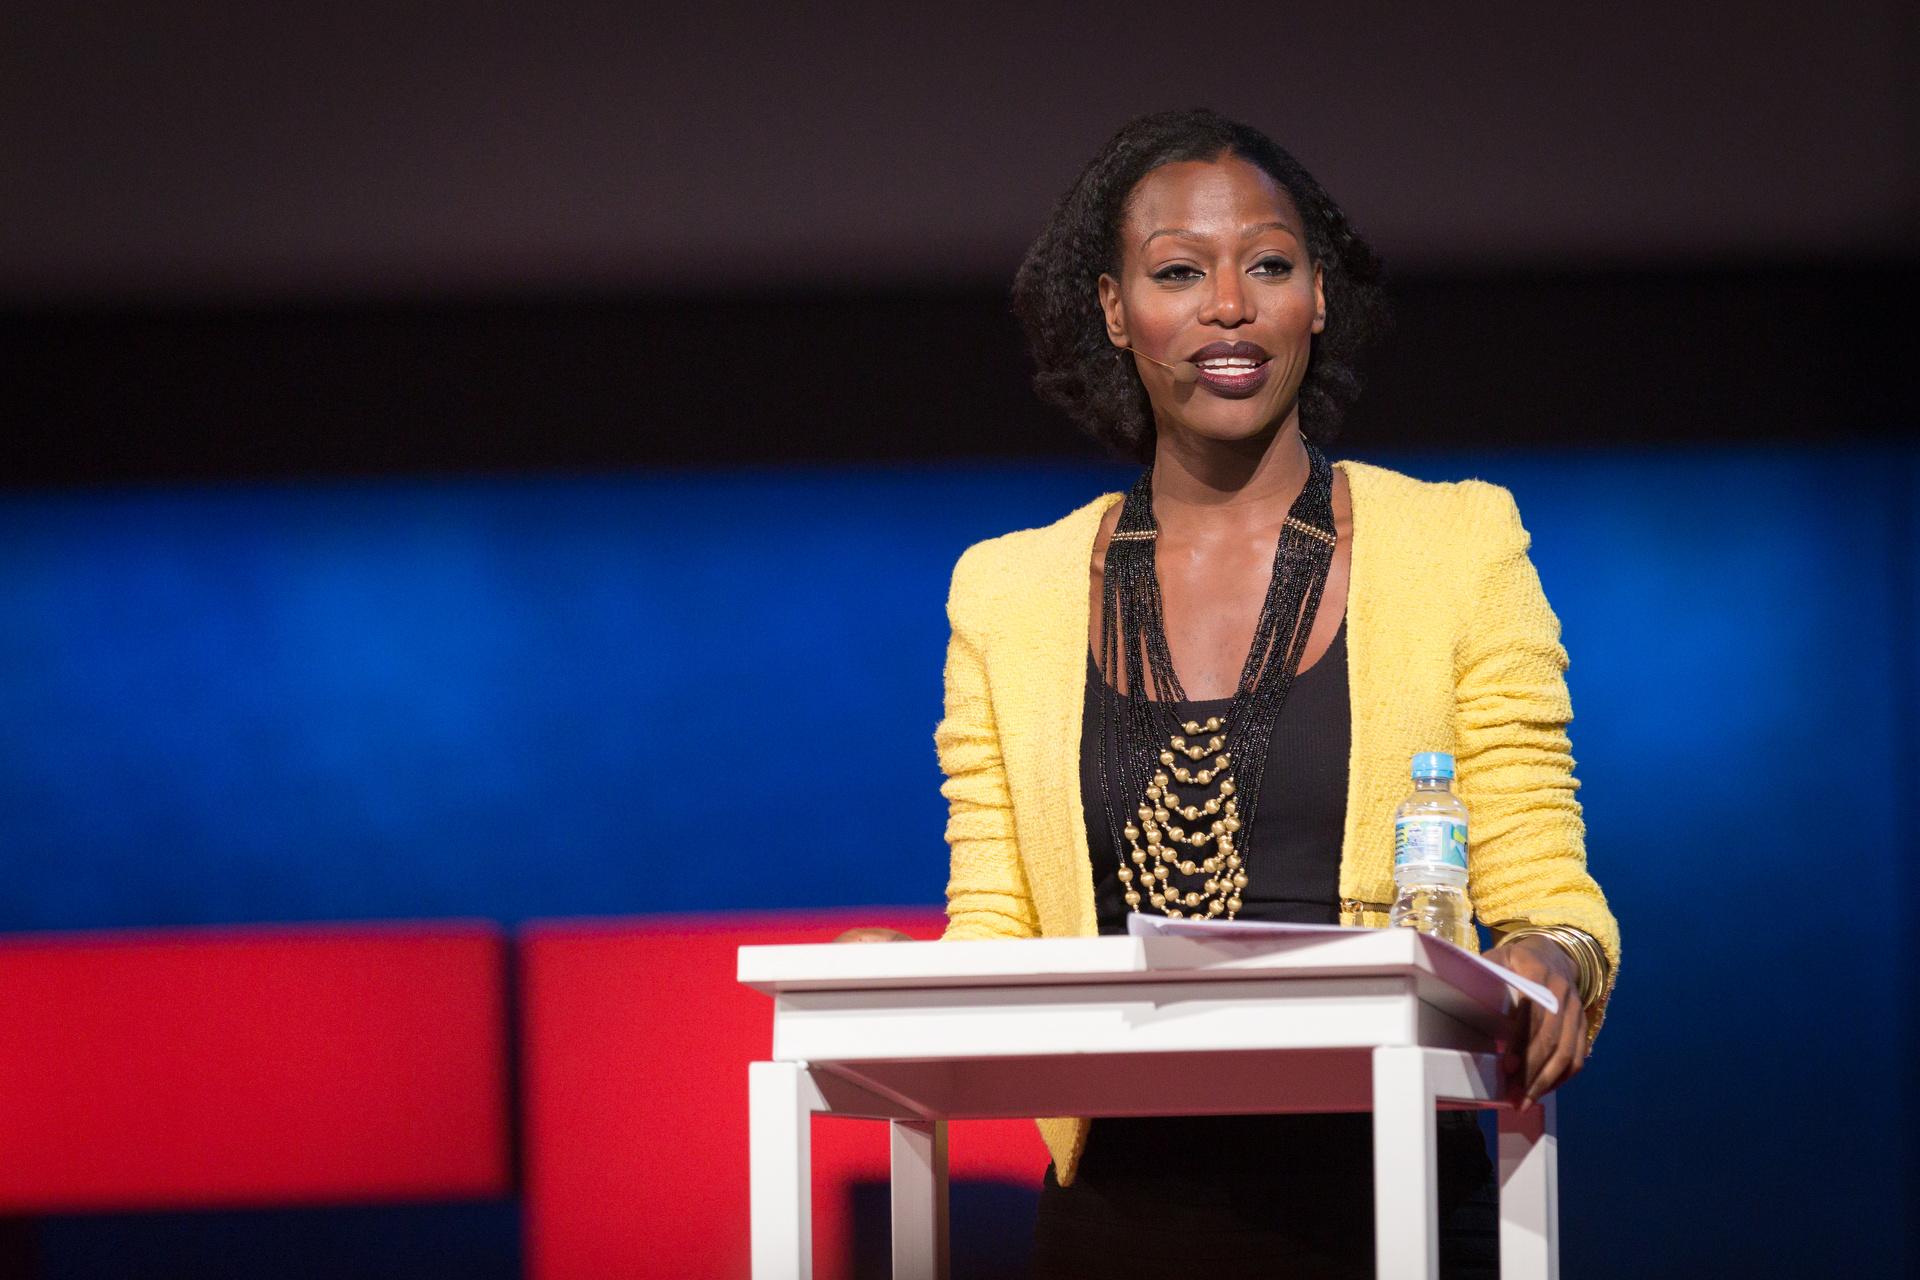 Taiye Selasi speaking at TEDGlobal 2014. Photo: James Duncan Davidson/TED